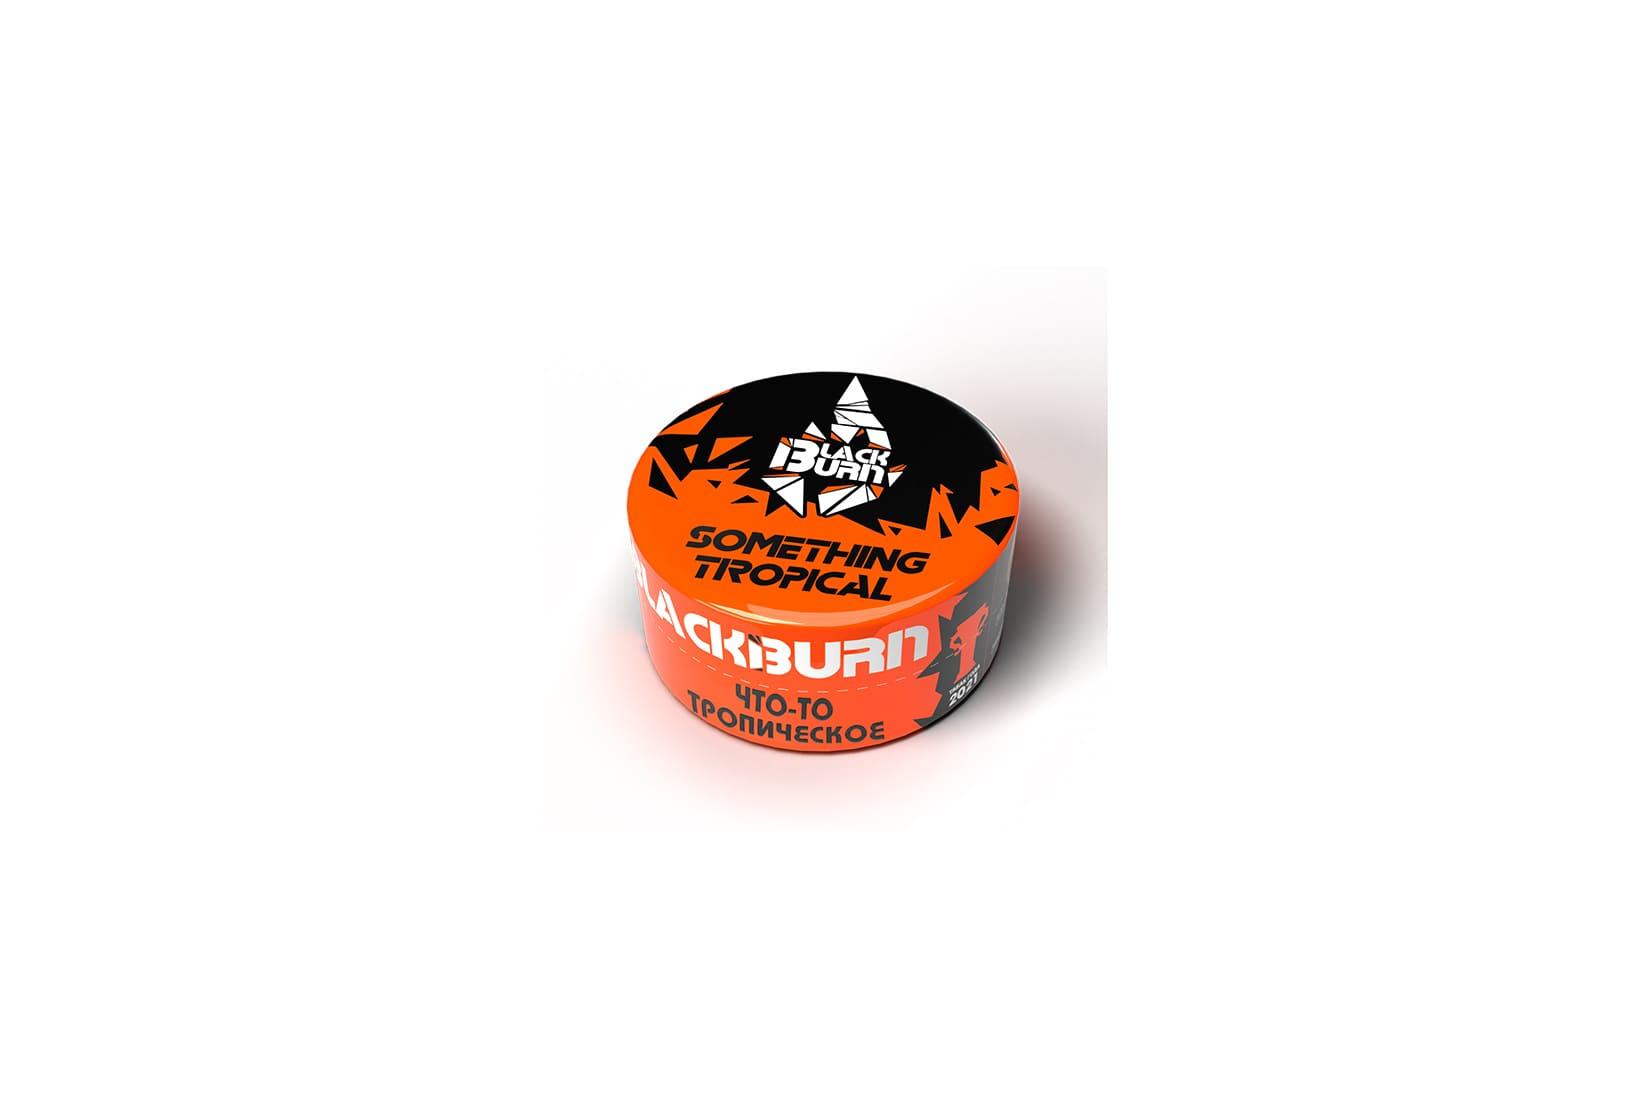 Табак для кальяна Black Burn SOMETHING TROPICAL – описание, миксы, отзывы